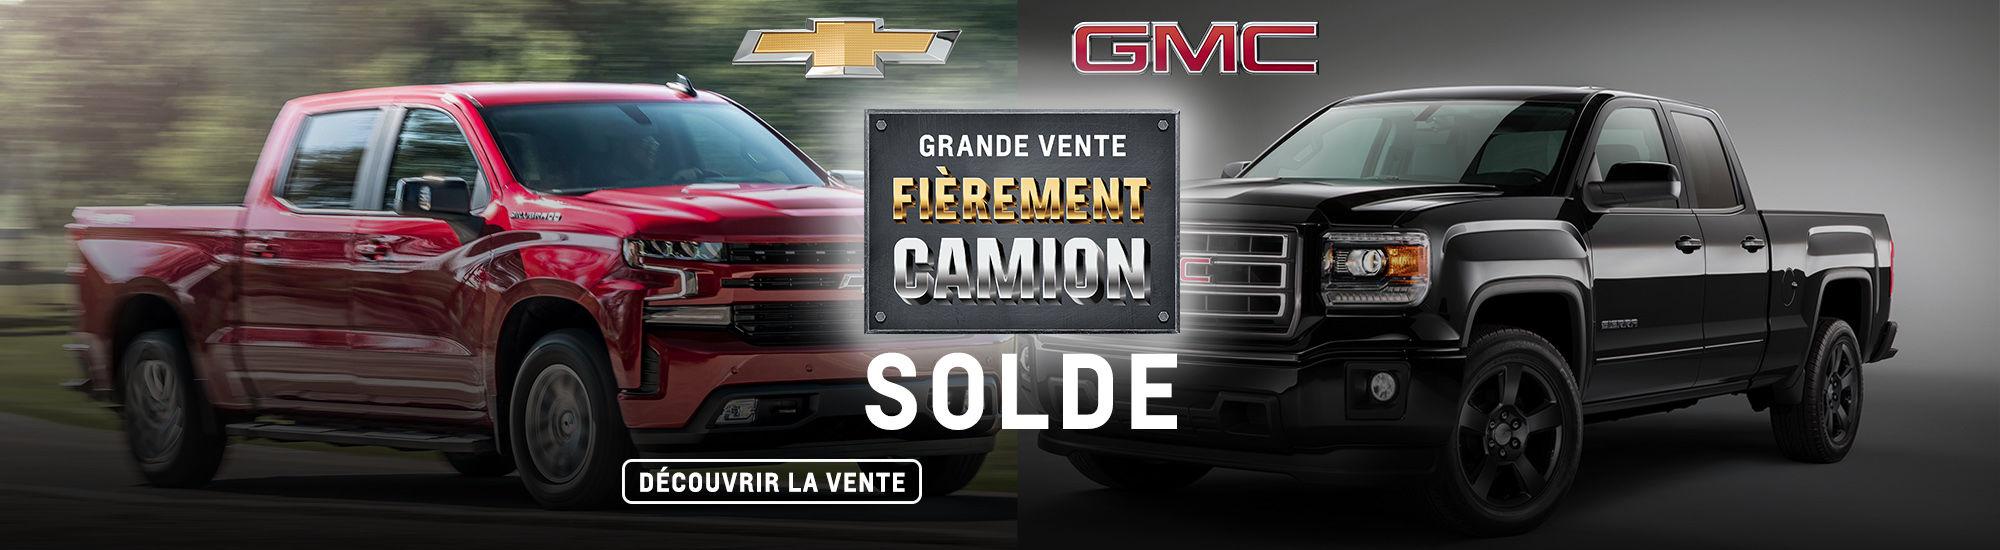 Grande vente Fièrement camion